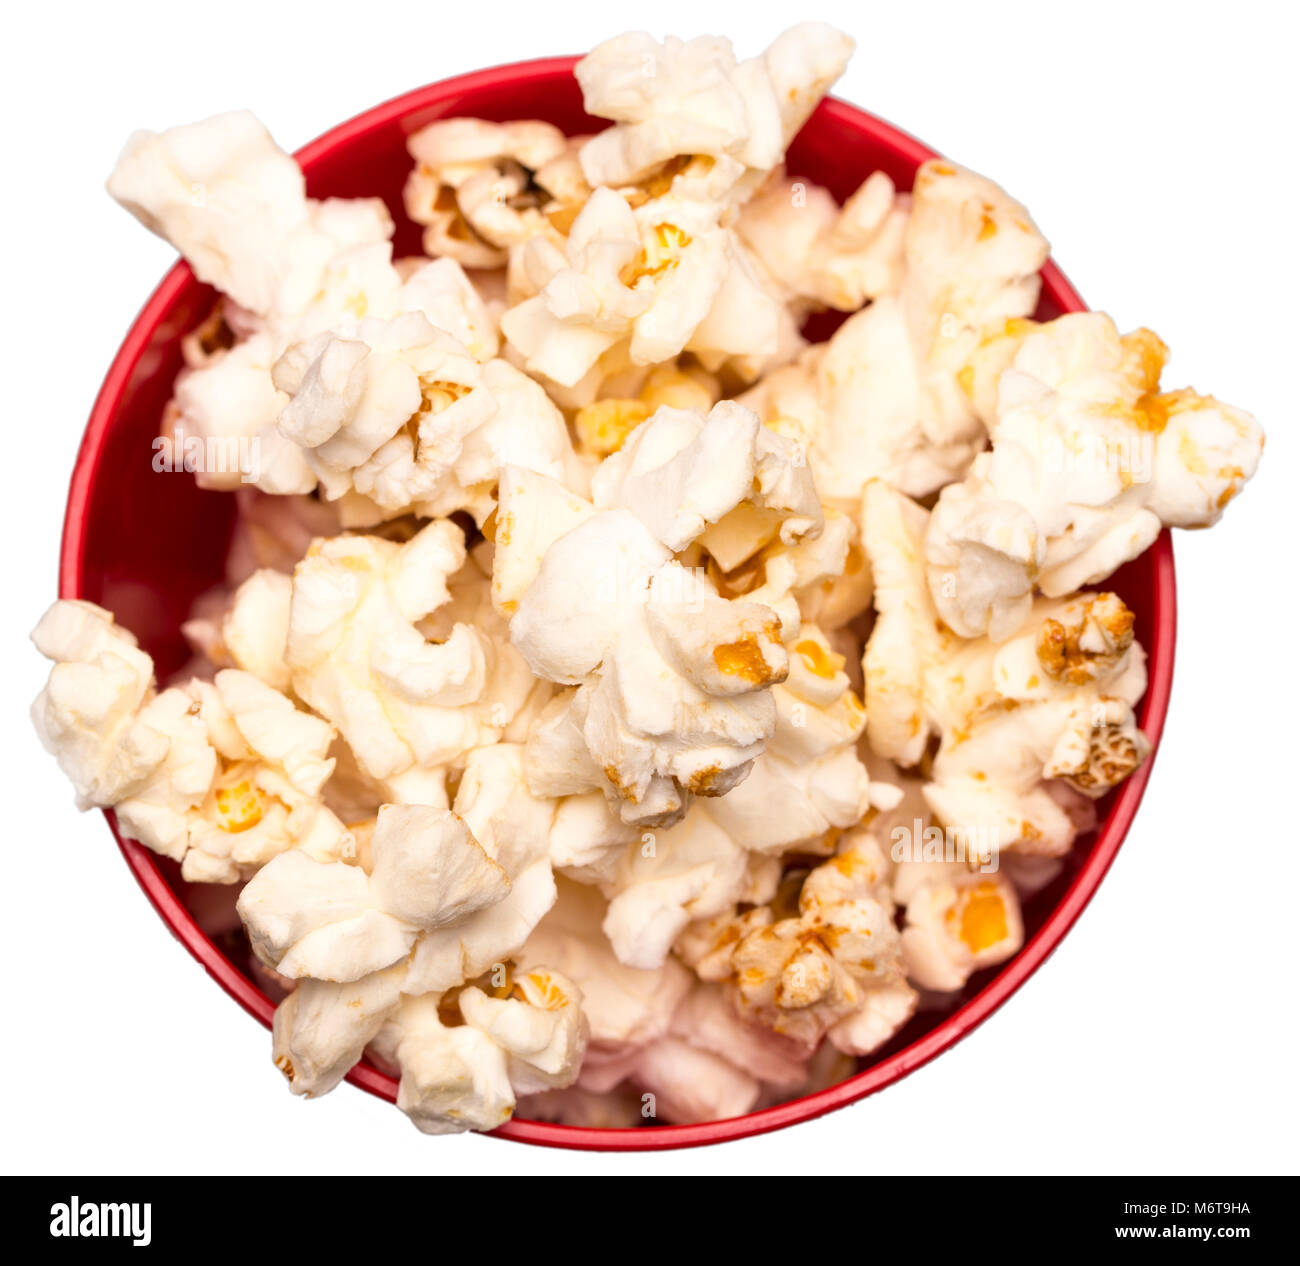 Il popcorn in una ciotola rossa vista dall'alto. Foto Stock